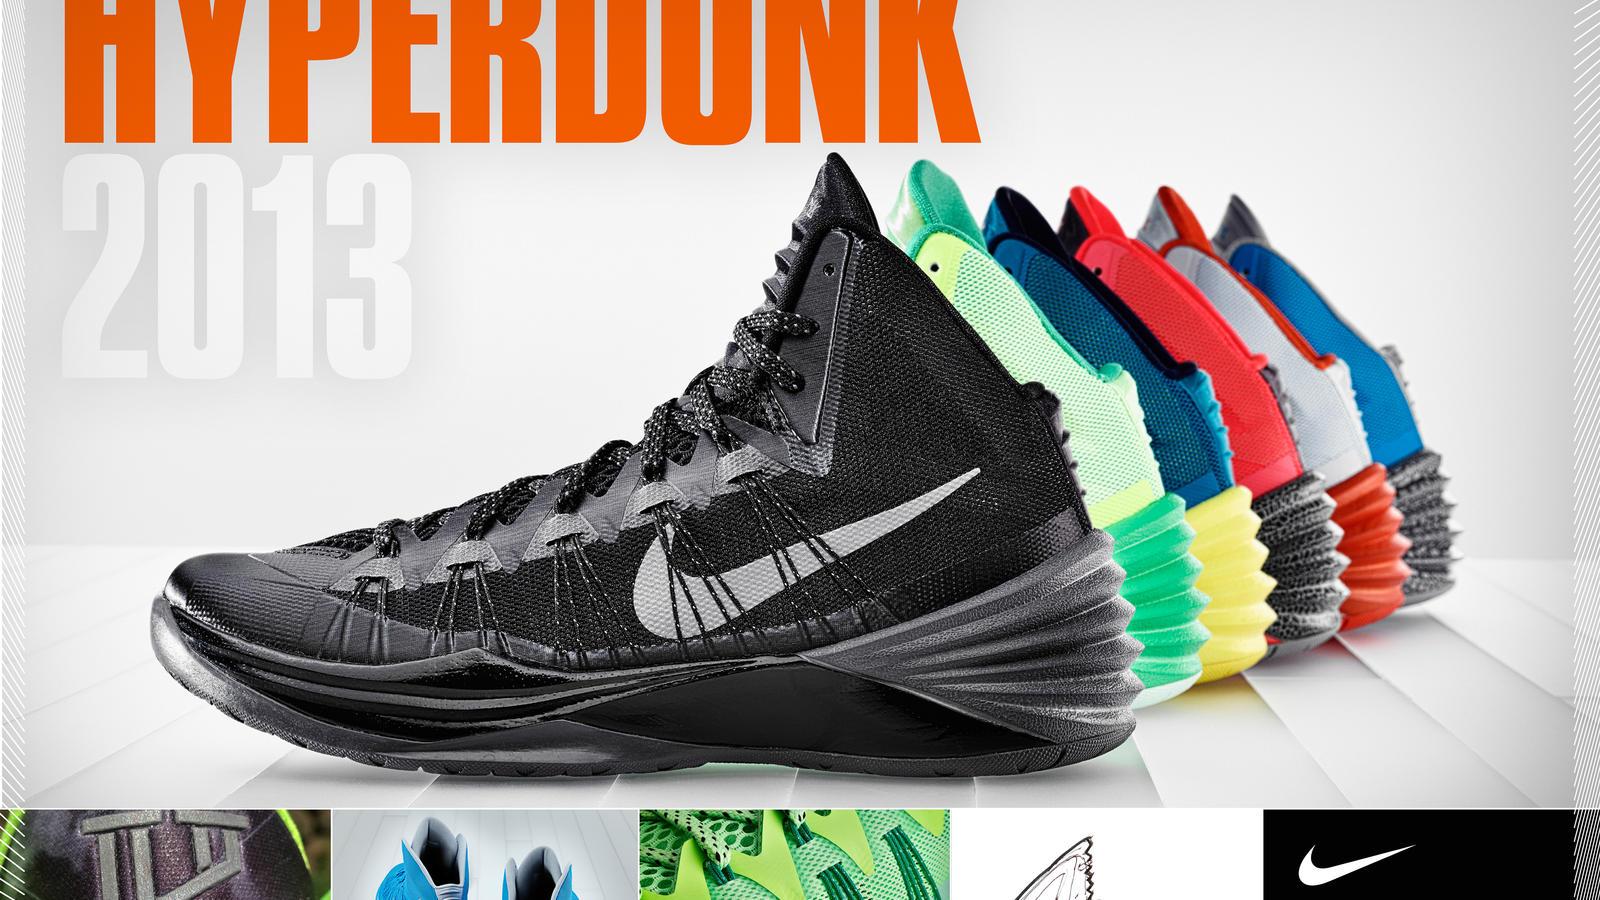 Inside Access: Hyperdunk 2013 - Nike News